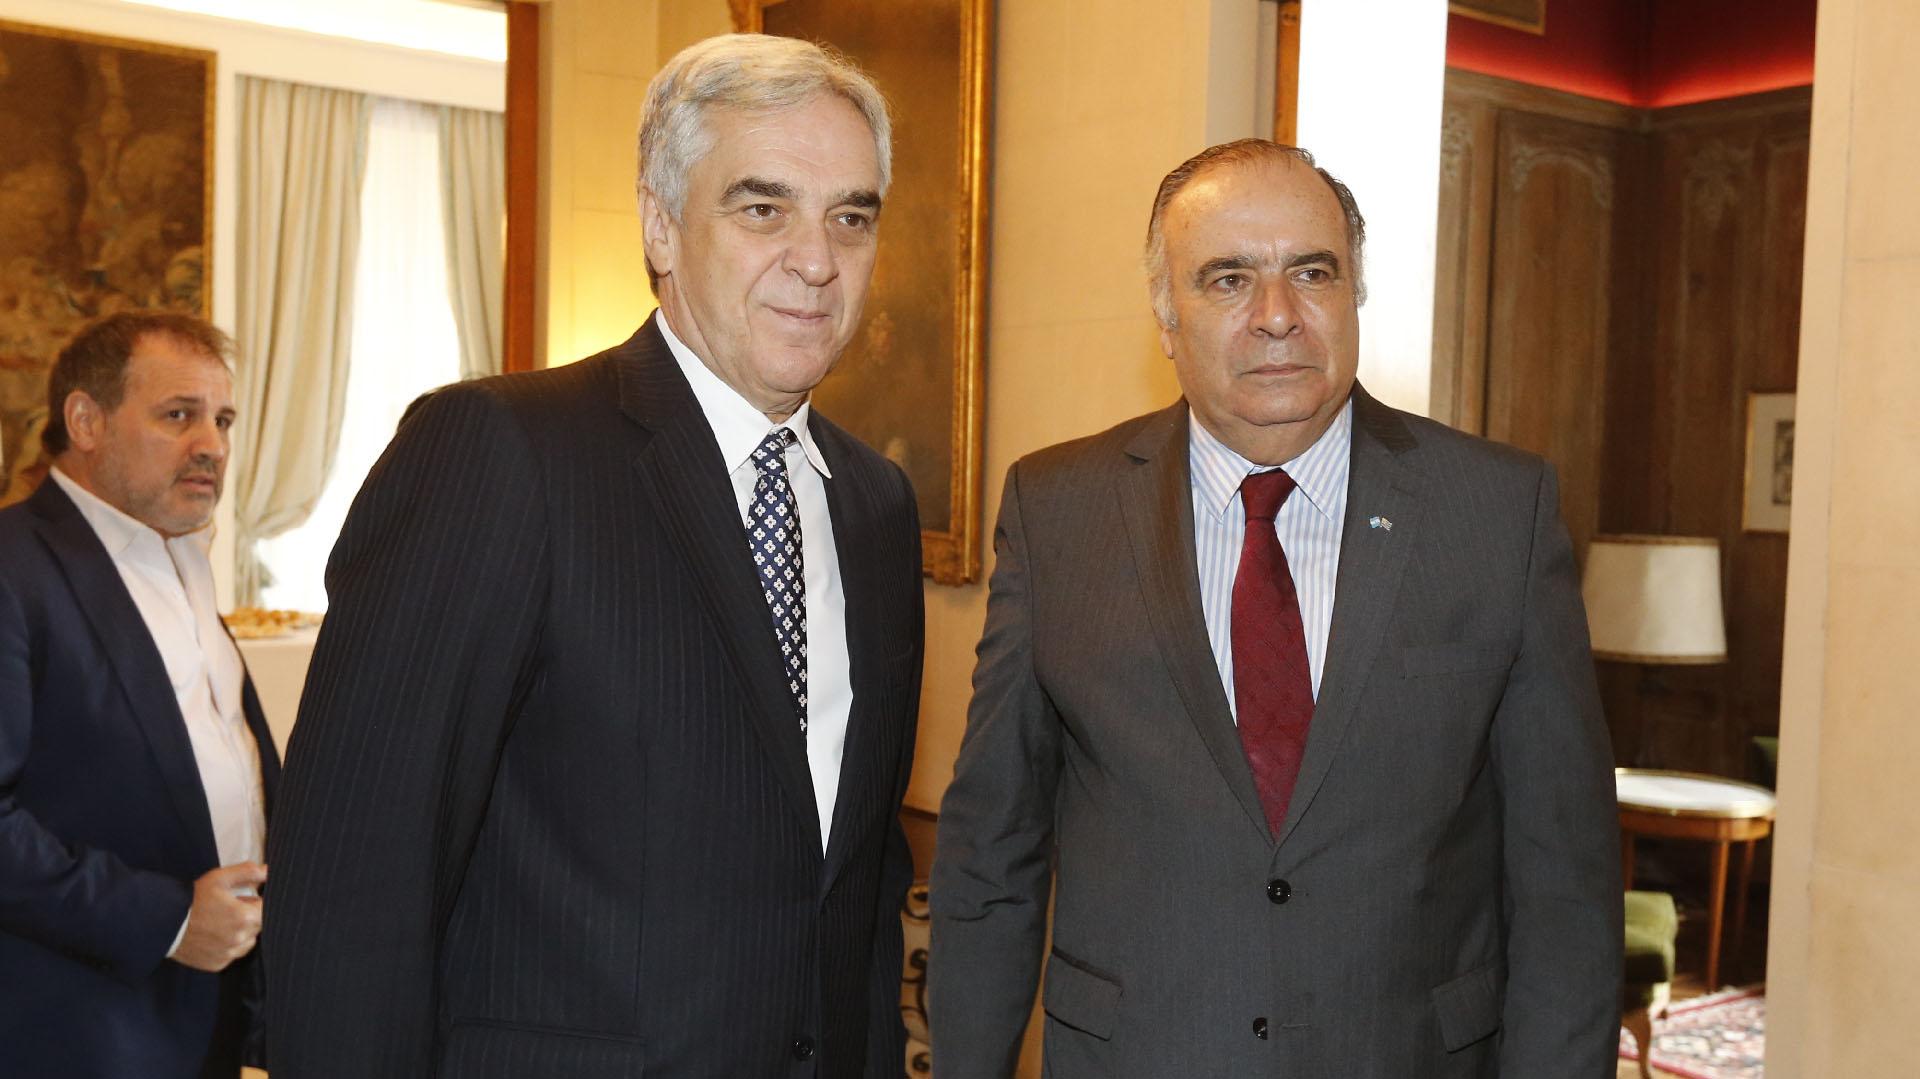 Javier Sandomingo Núñez, embajador de España en la Argentina, y Héctor Lescano Fraschini, embajador de Uruguay en la Argentina